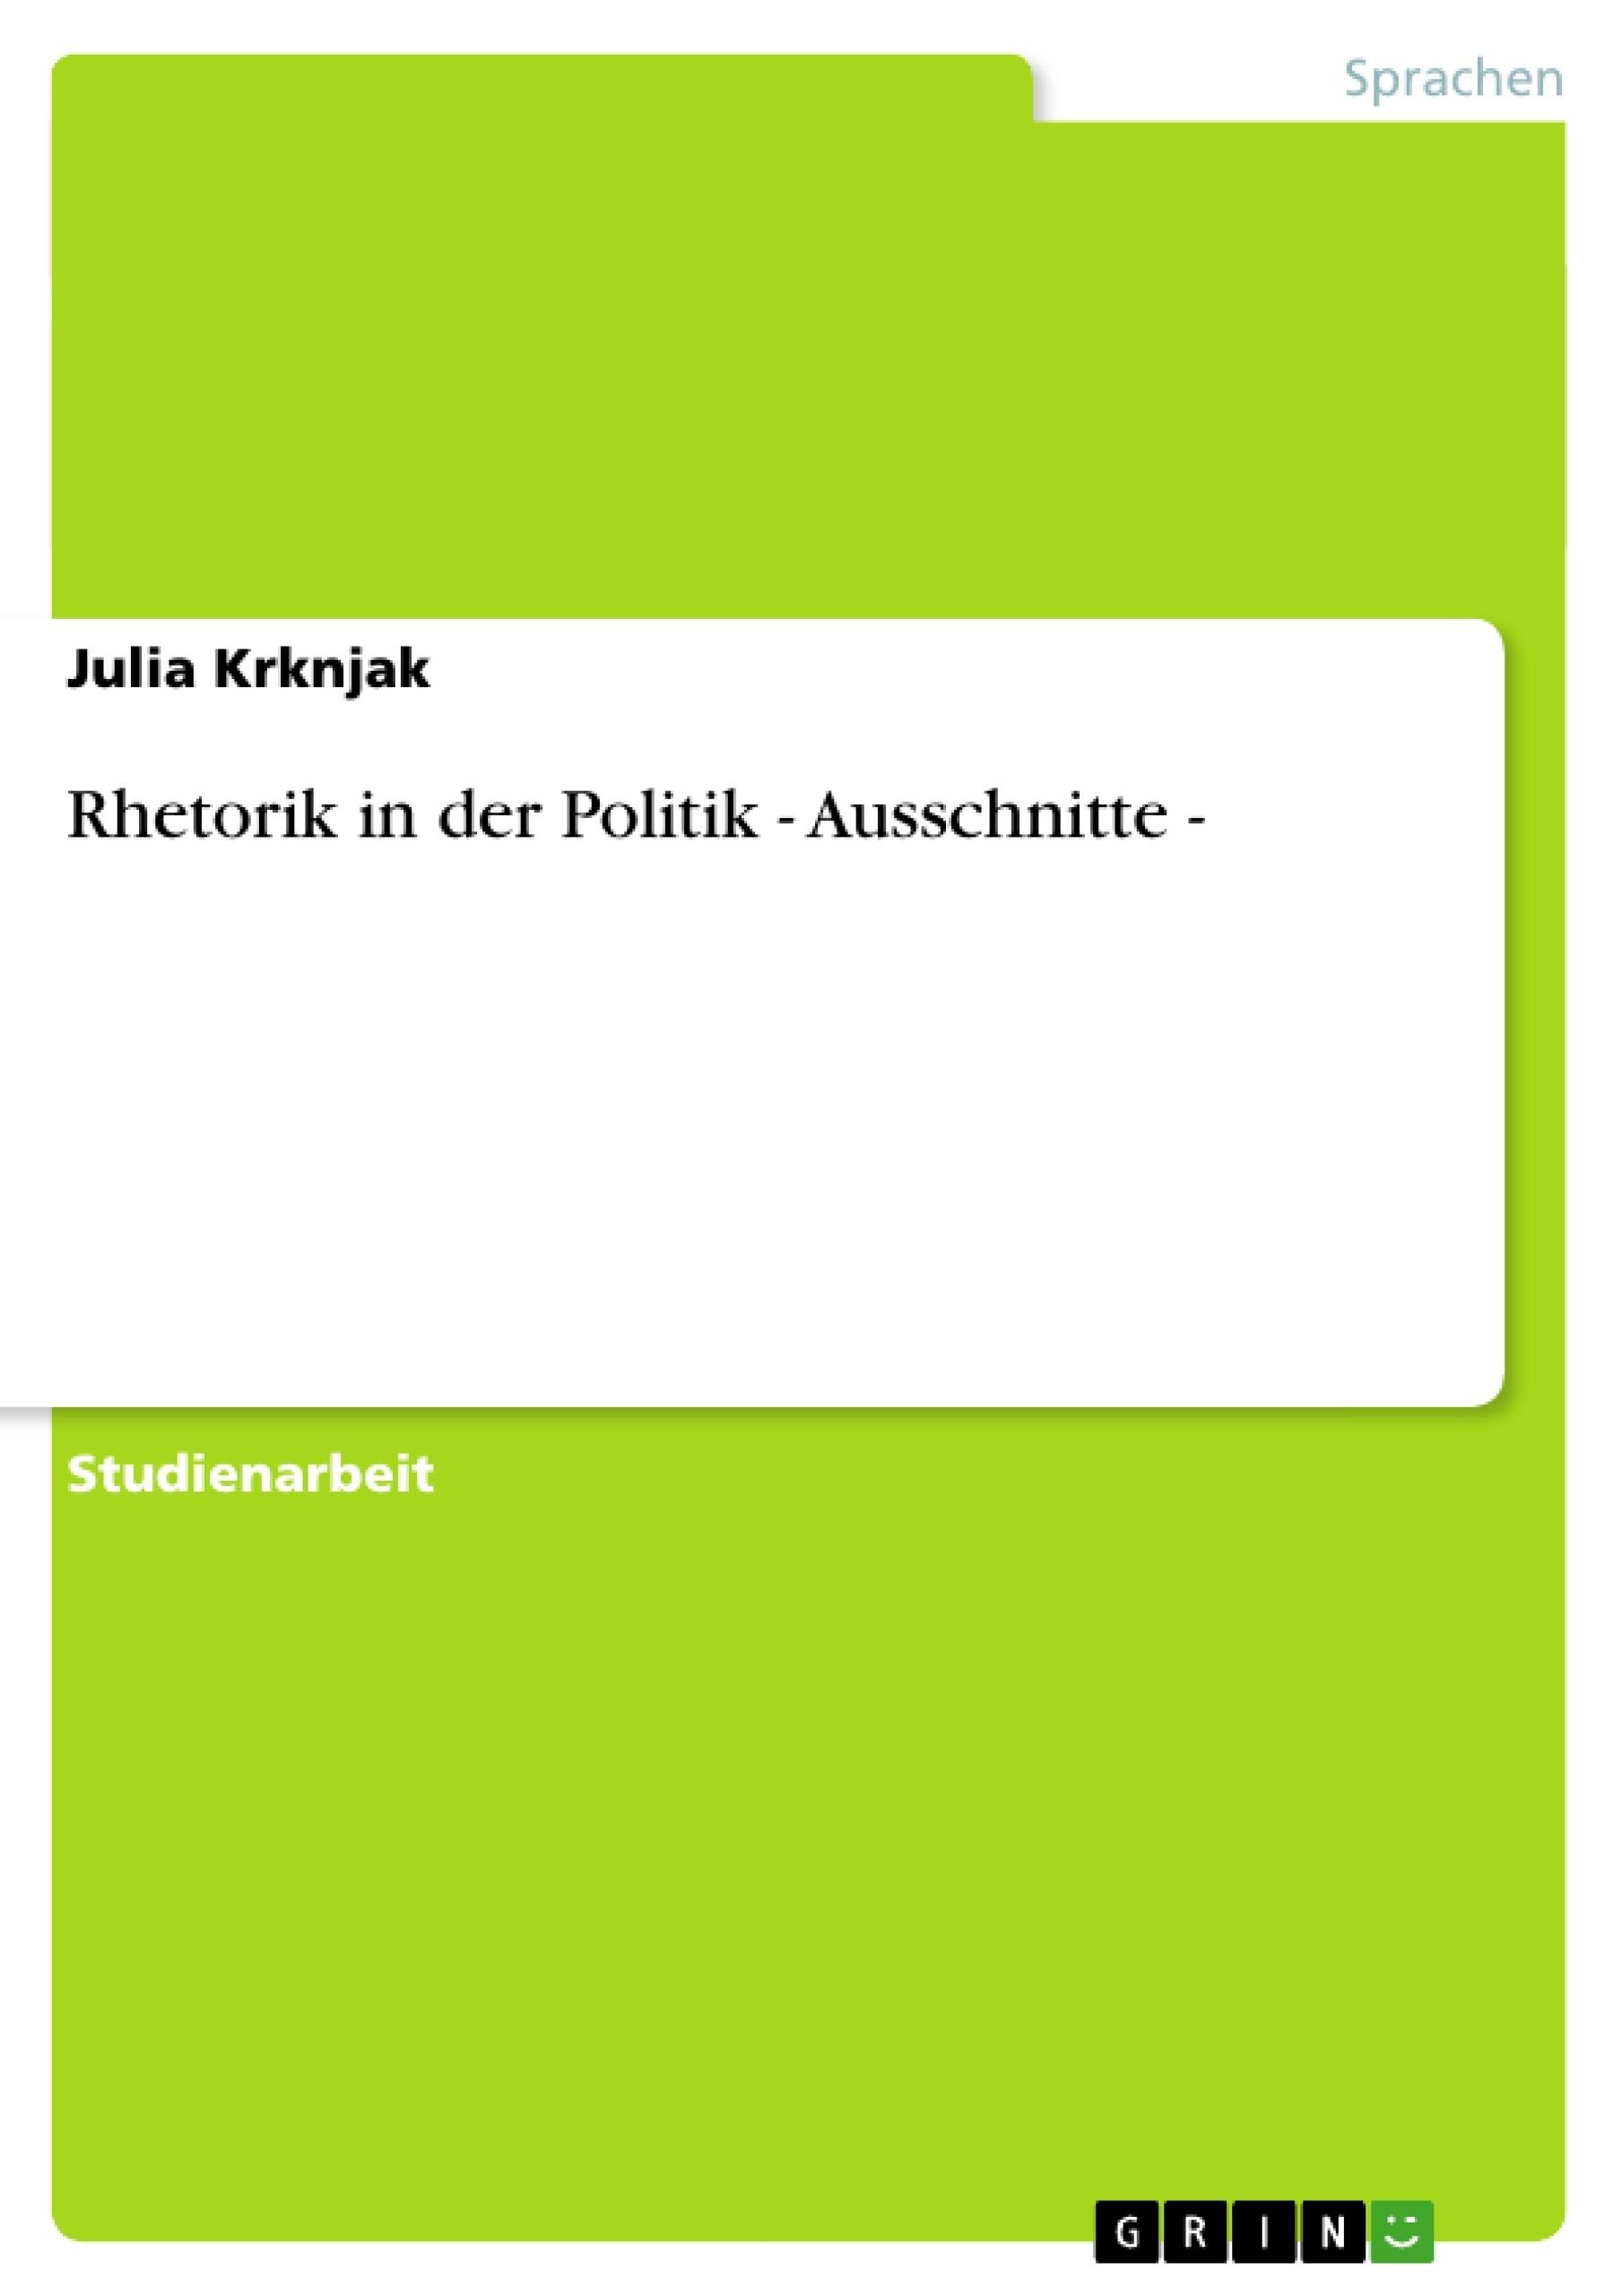 Titel: Rhetorik in der Politik - Ausschnitte -